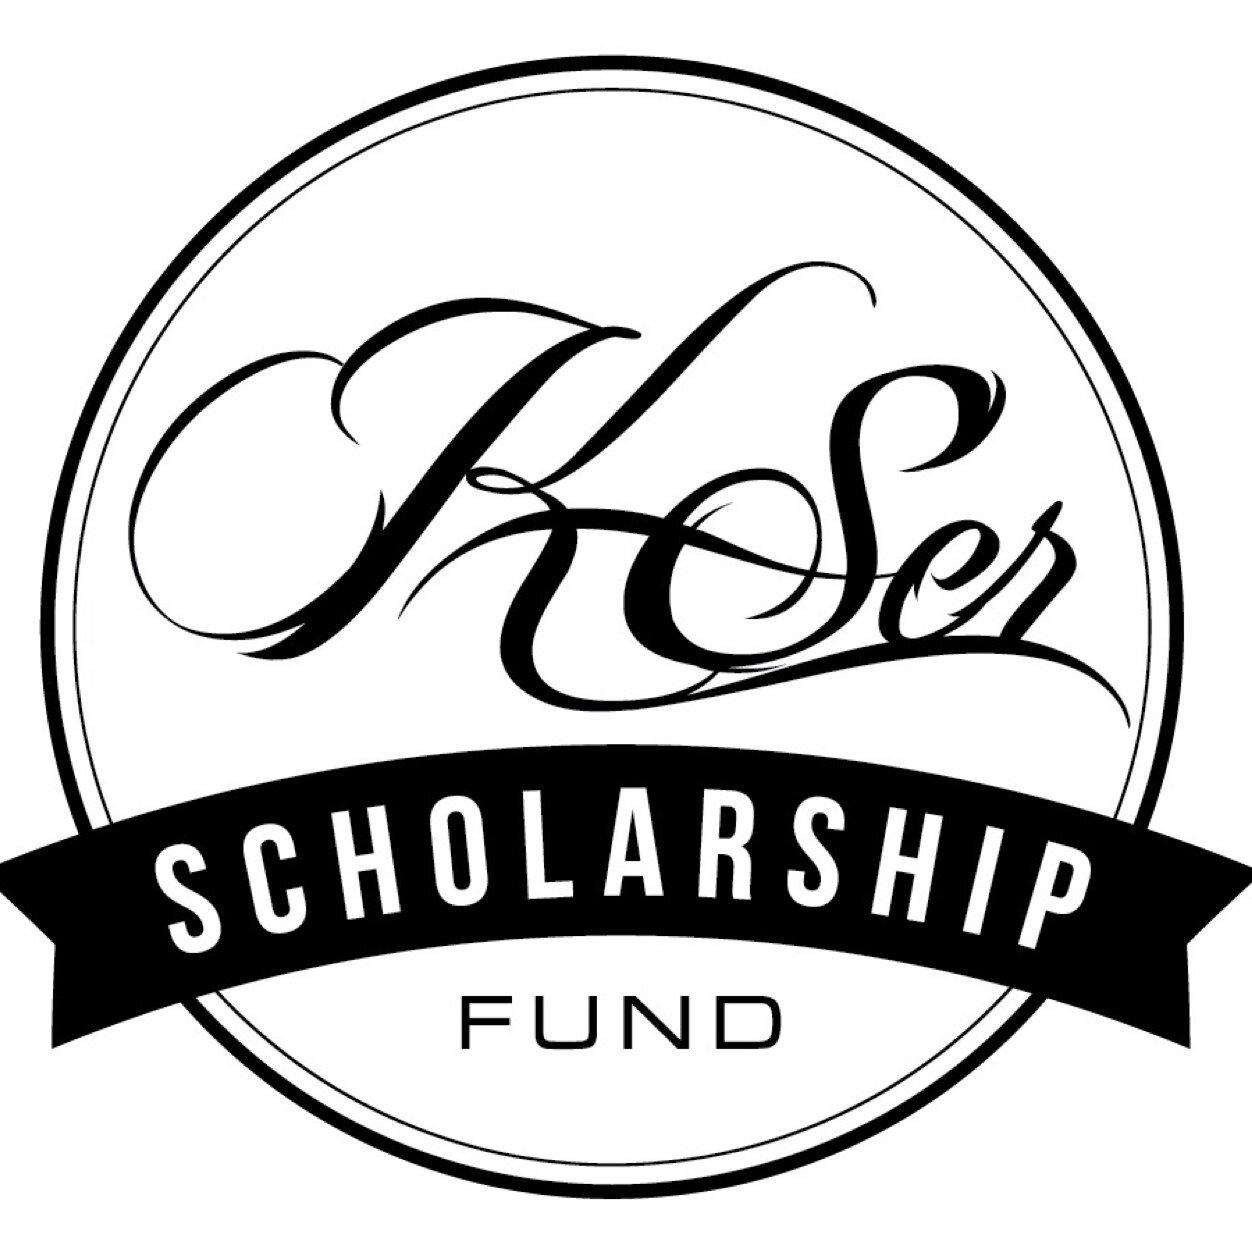 1252x1252 Kser Scholarshipfund (@kserscholarfund) Twitter